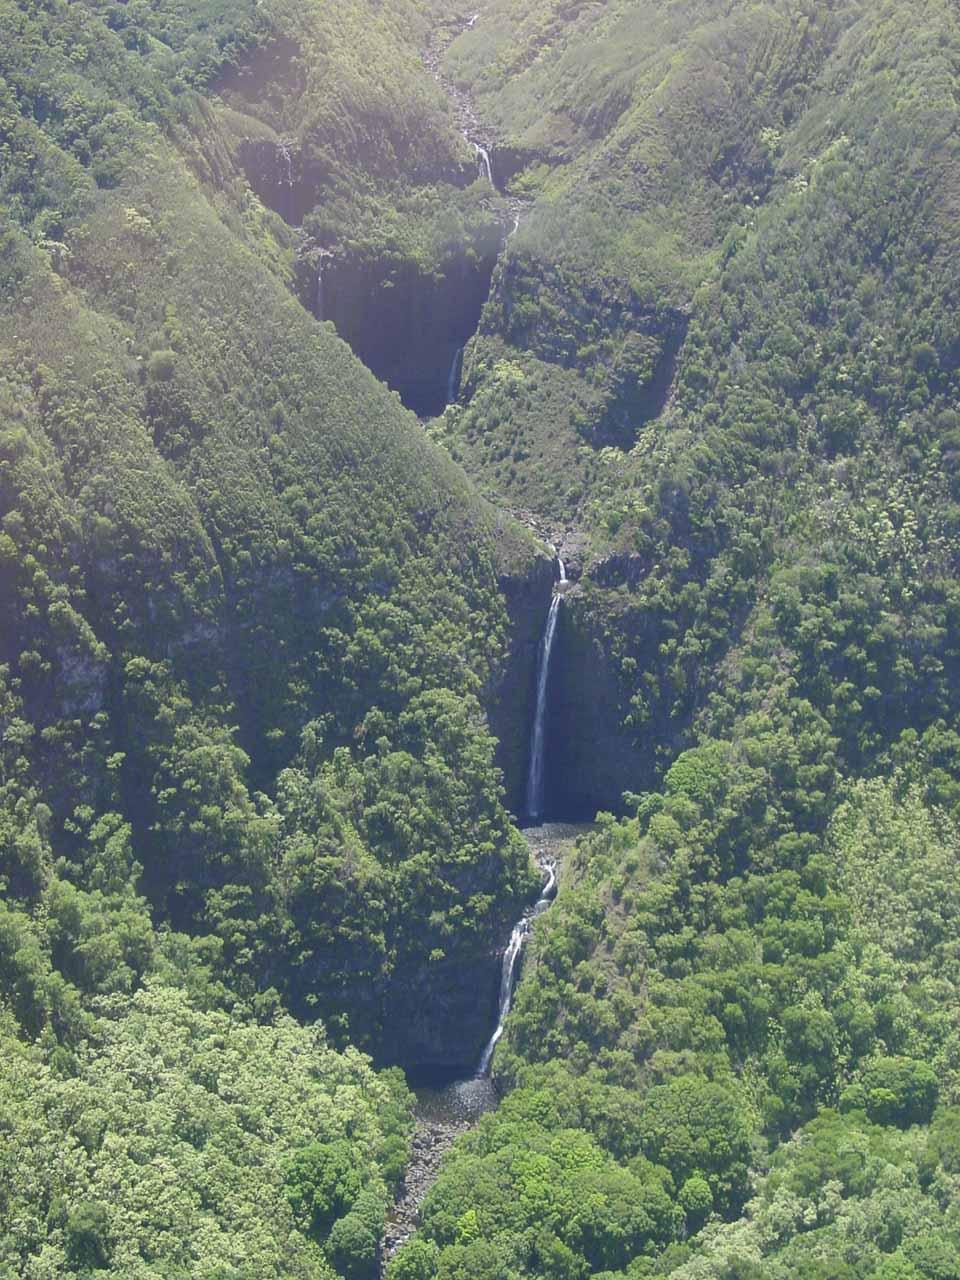 Looking down at Moa'ula Falls in the Halawa Valley of Moloka'i